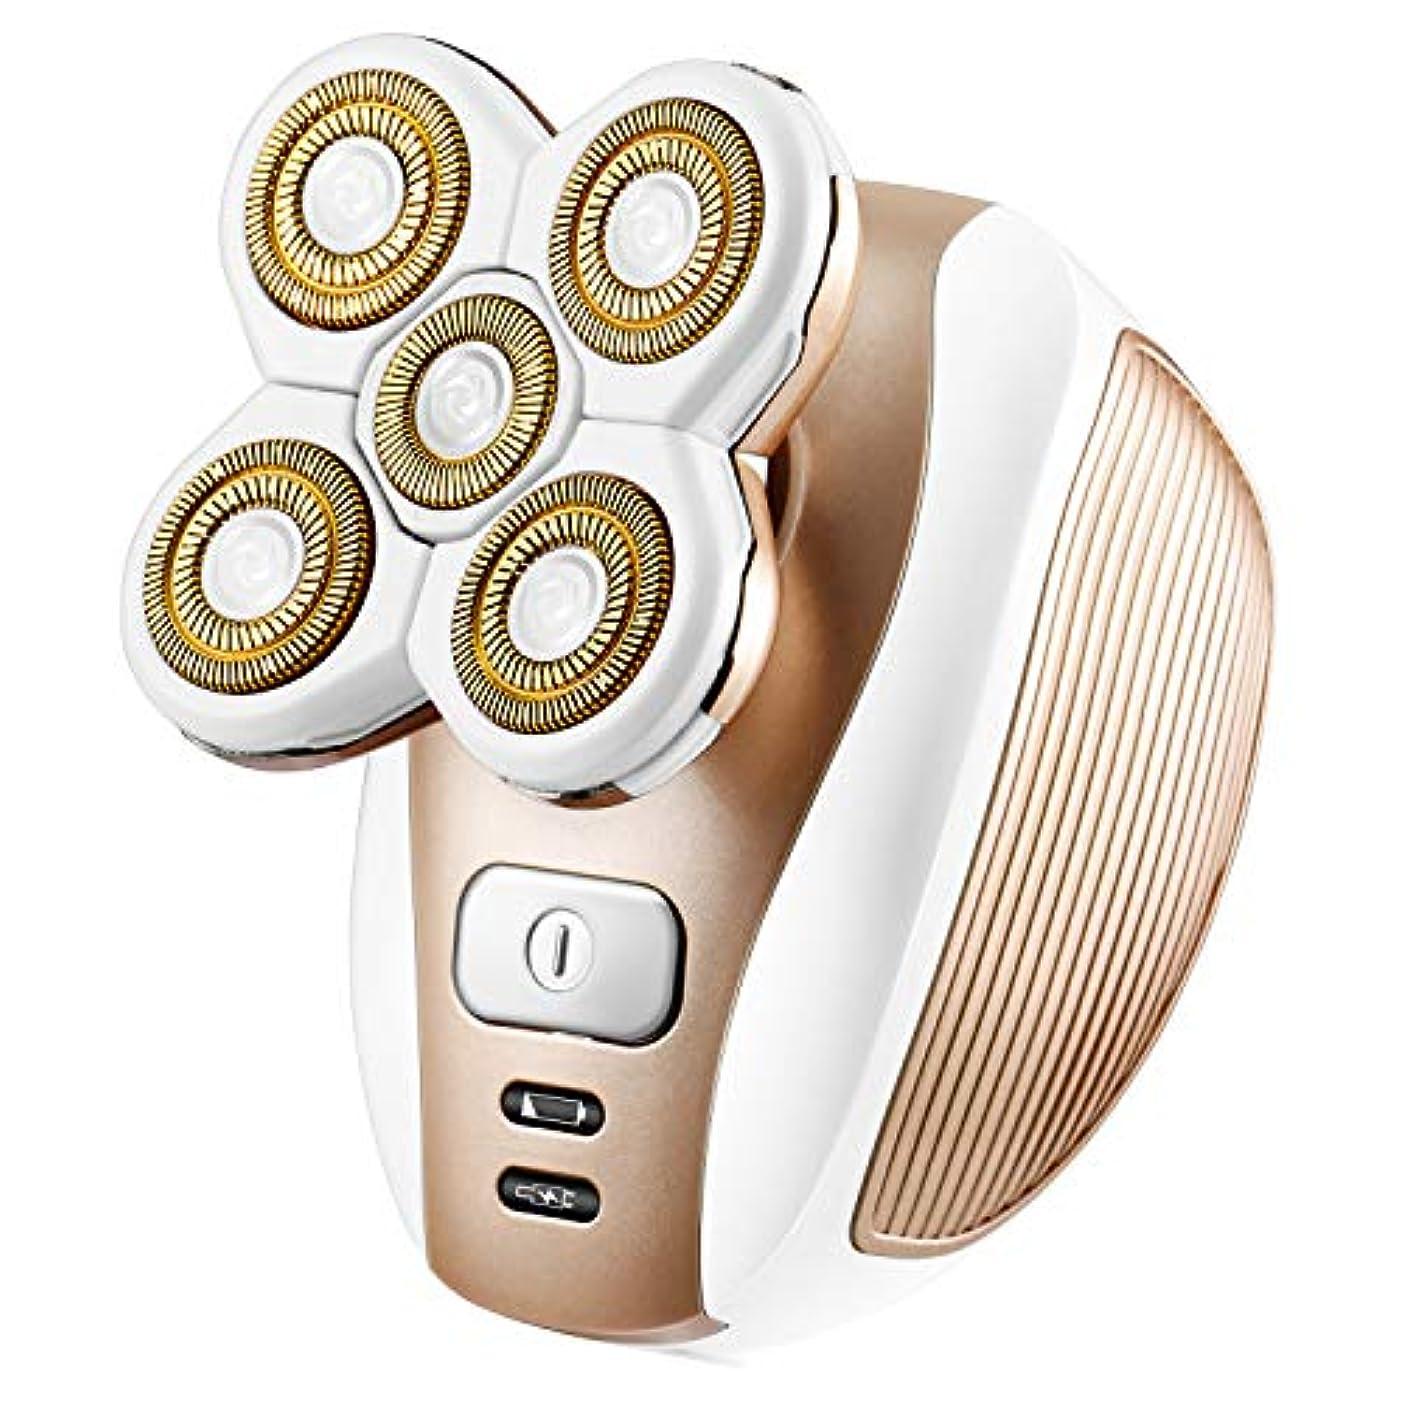 識字器用見出しMagicfly レディースシェーバー(女性用 電気脱毛器) USB充電式 携帯用 防水 ゴルード